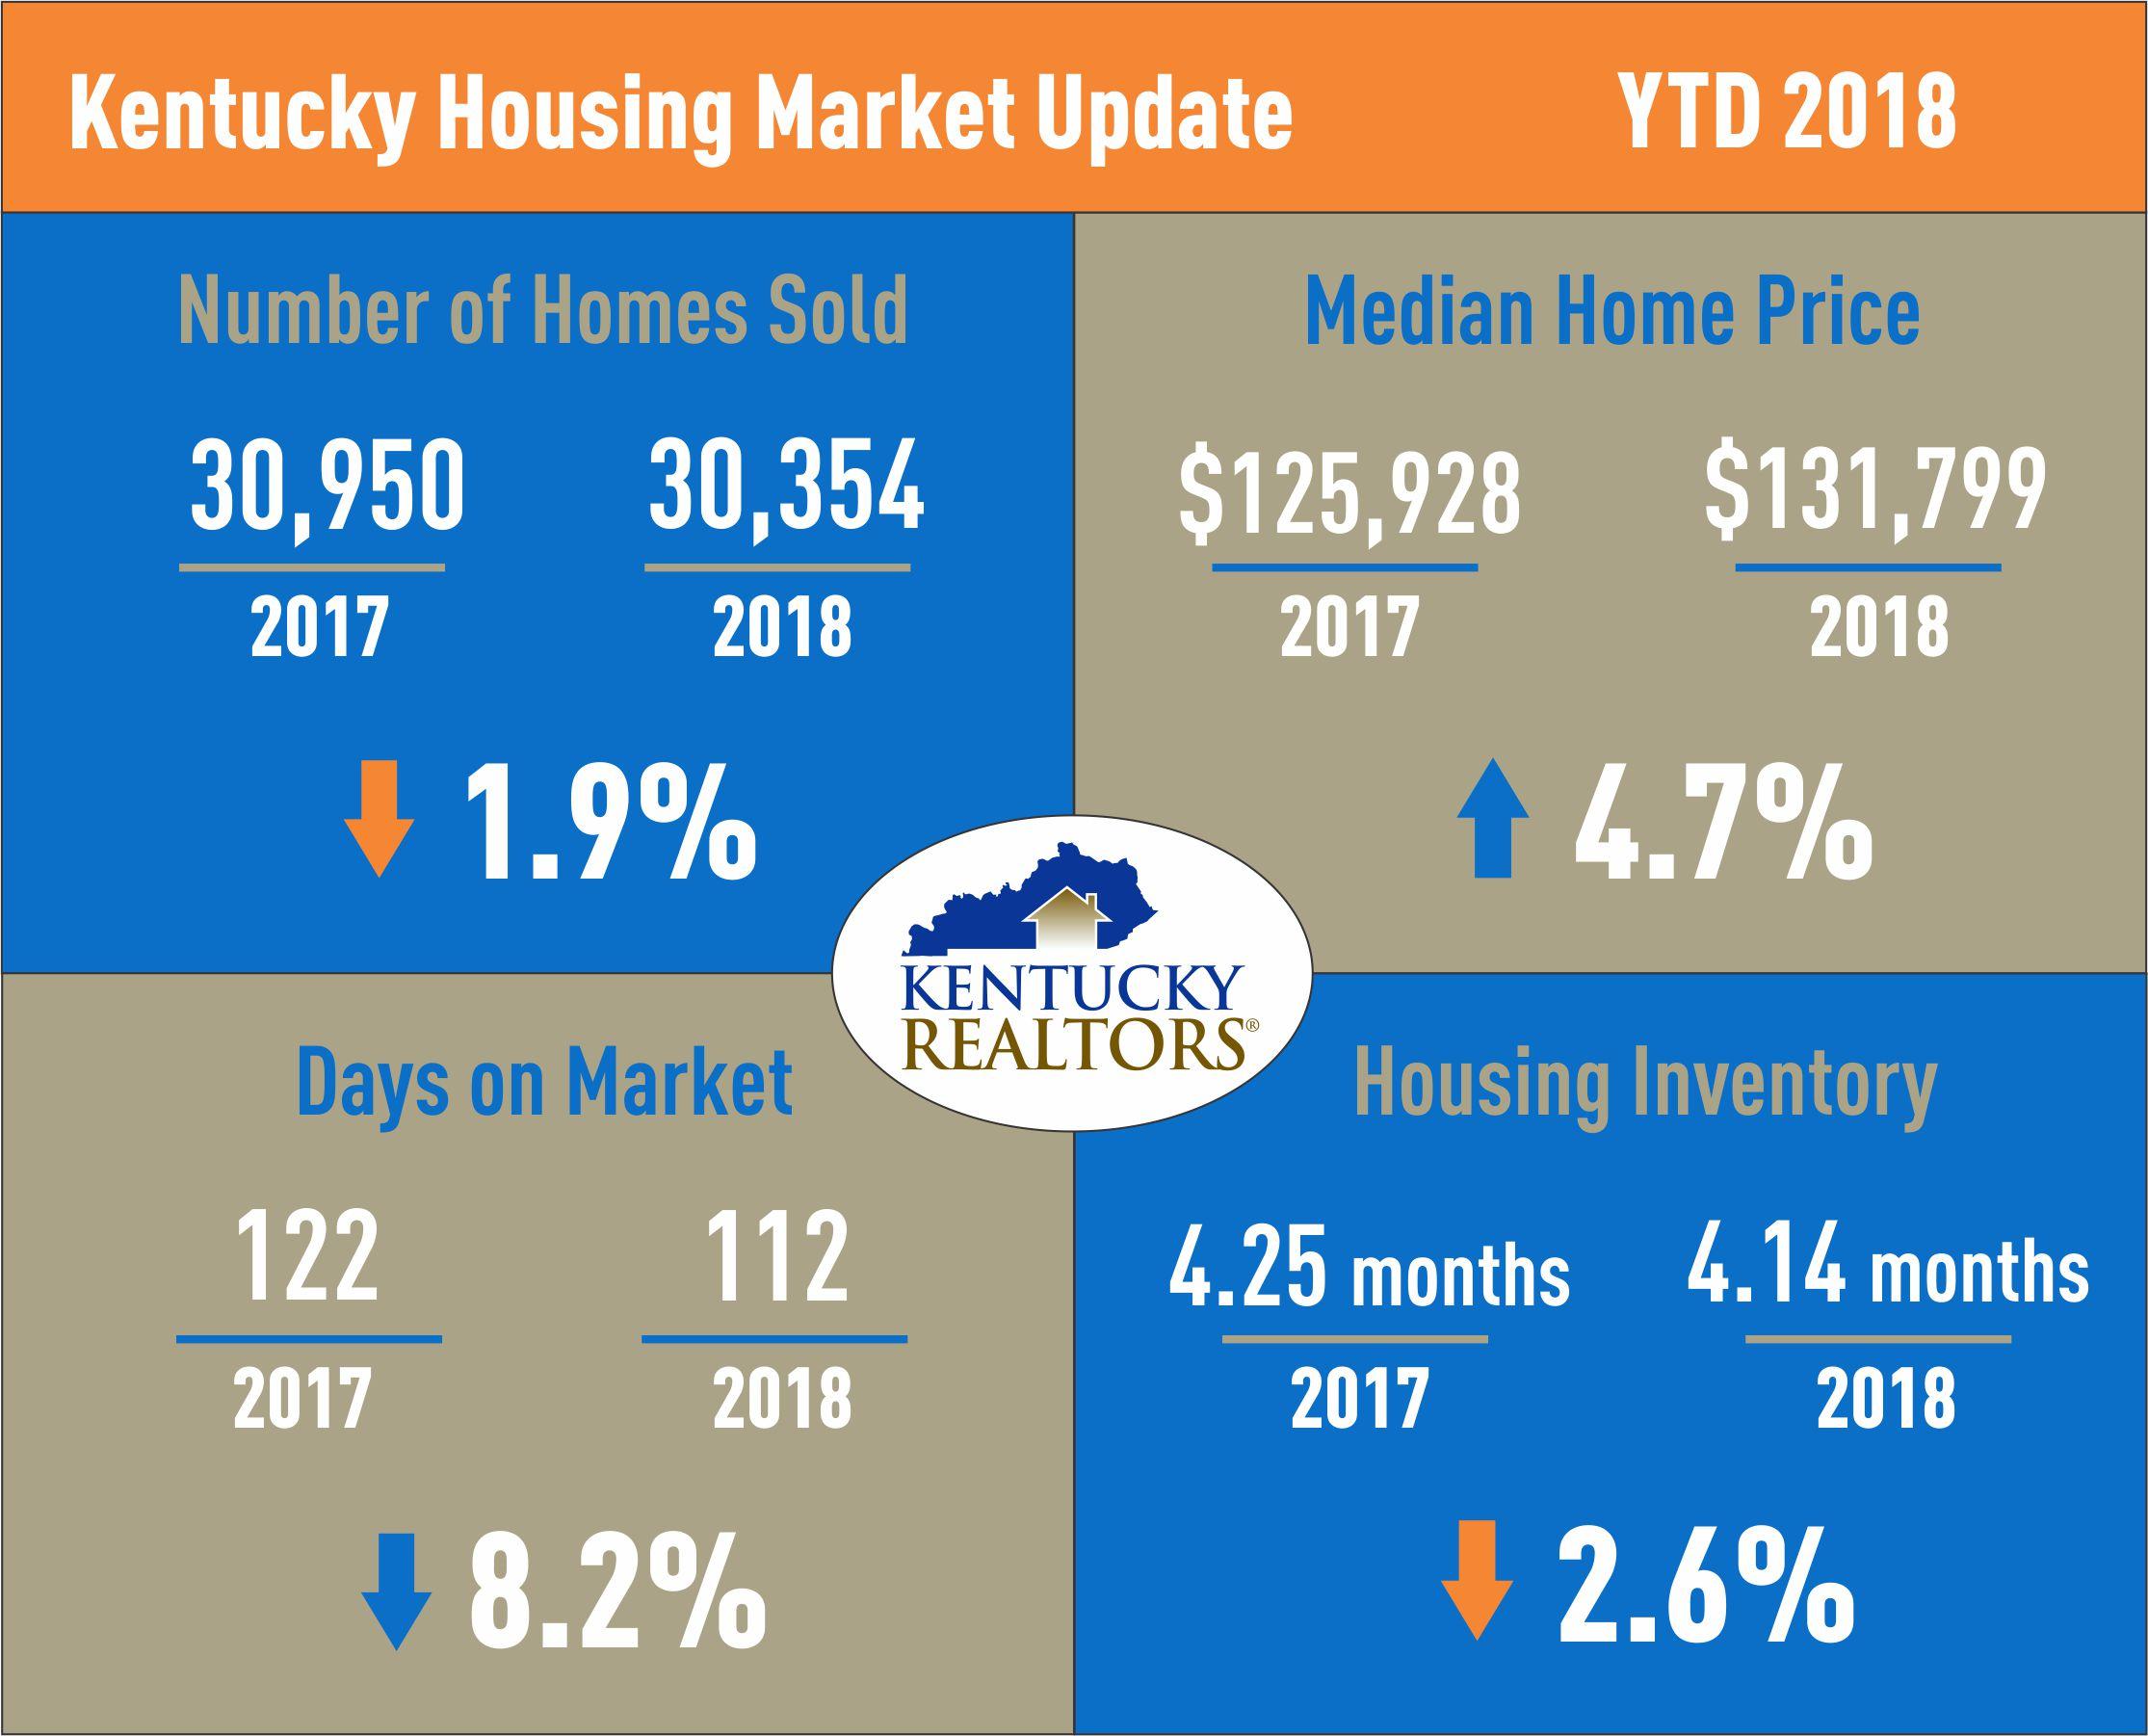 Kentucky Housing Market Update July 2018